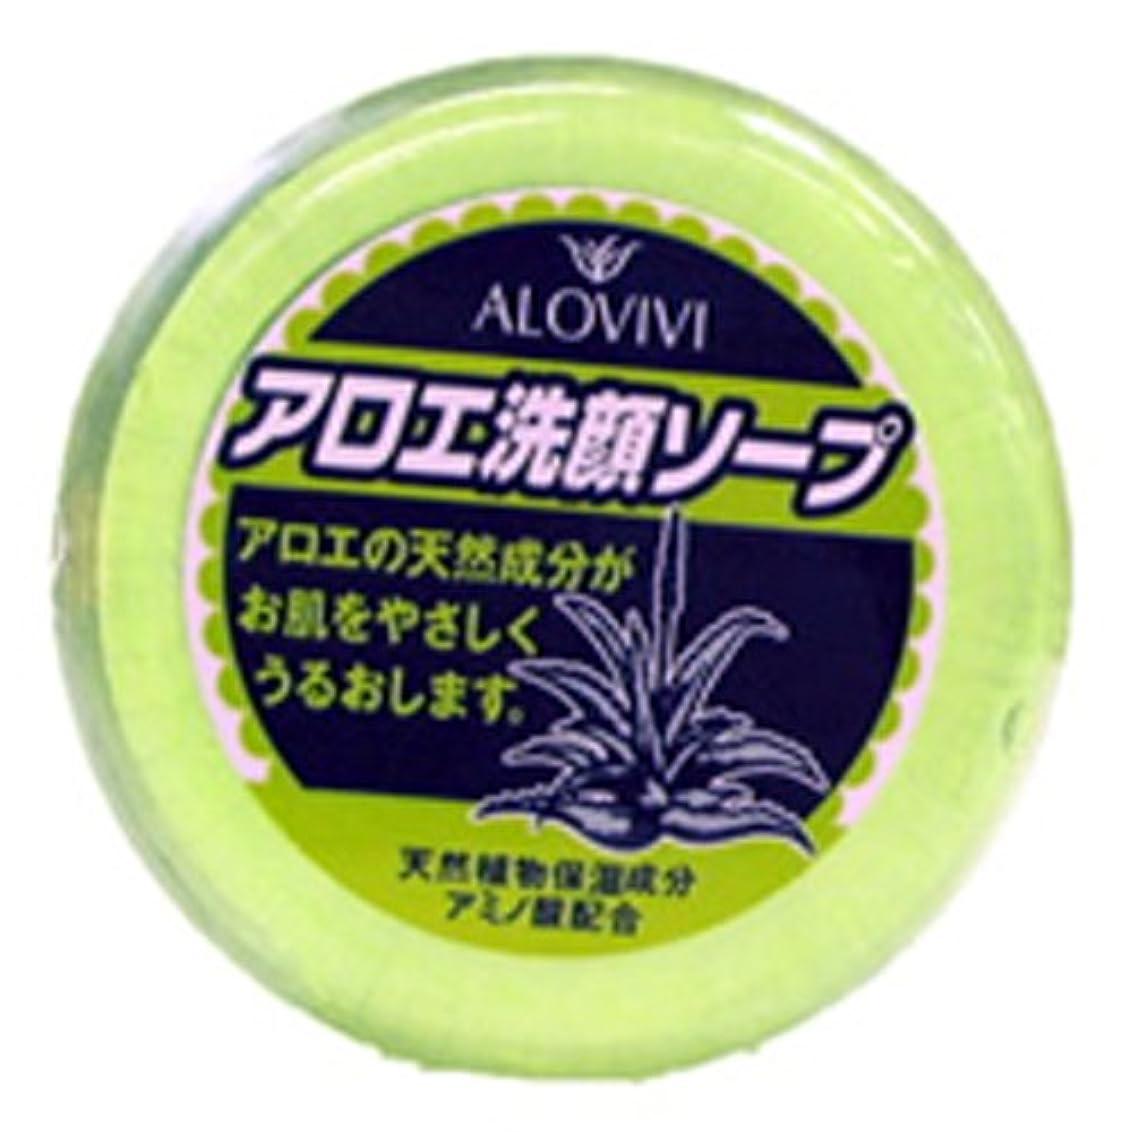 リーチ偽善商業のアロヴィヴィアロエ洗顔ソープ 100g